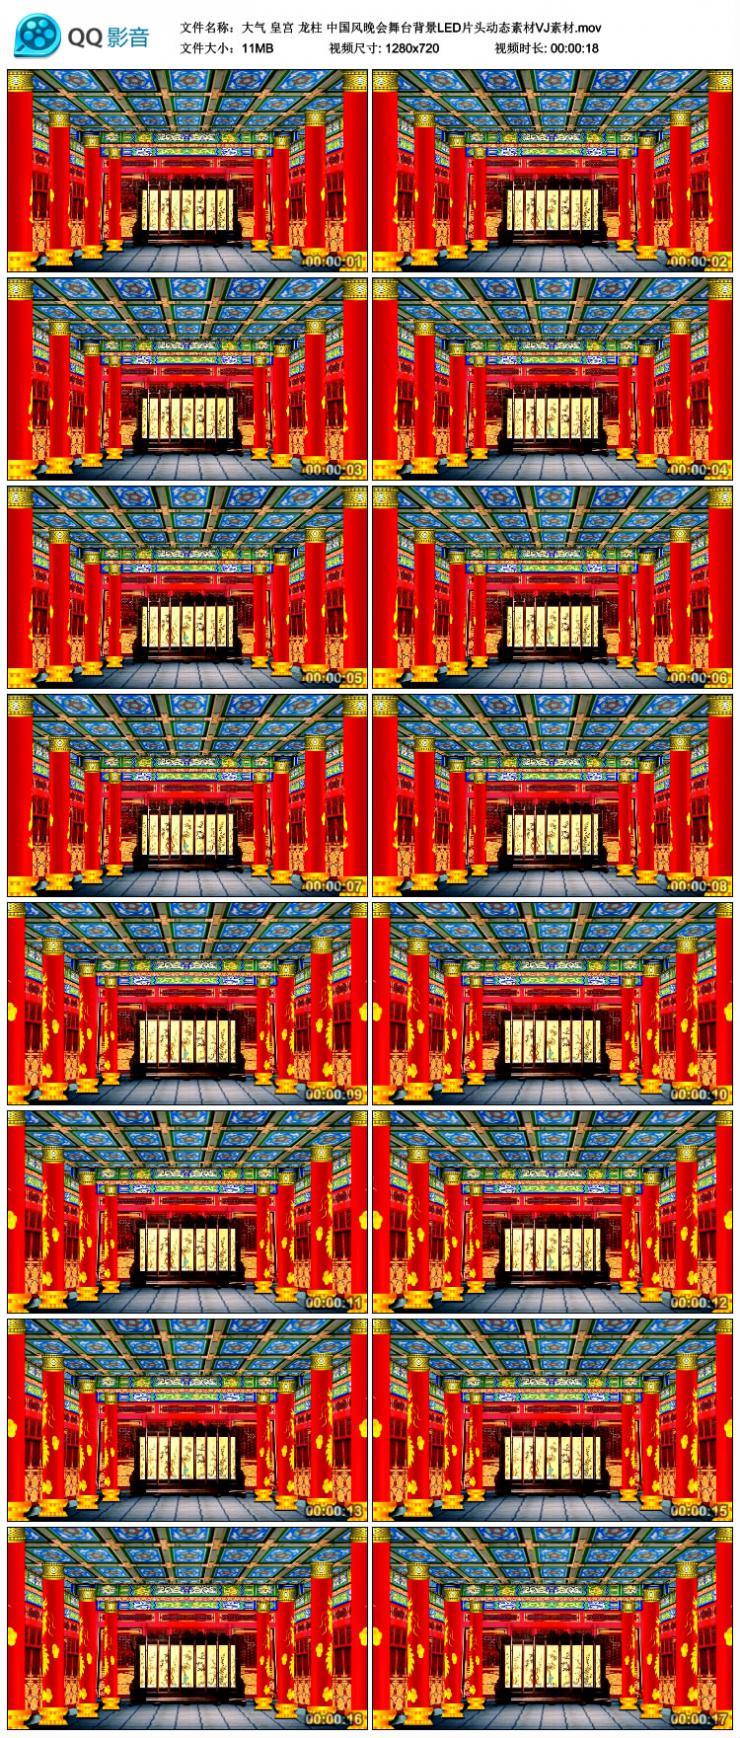 大气 皇宫 龙柱中国风晚会舞台背景LED片头动态素材VJ素材